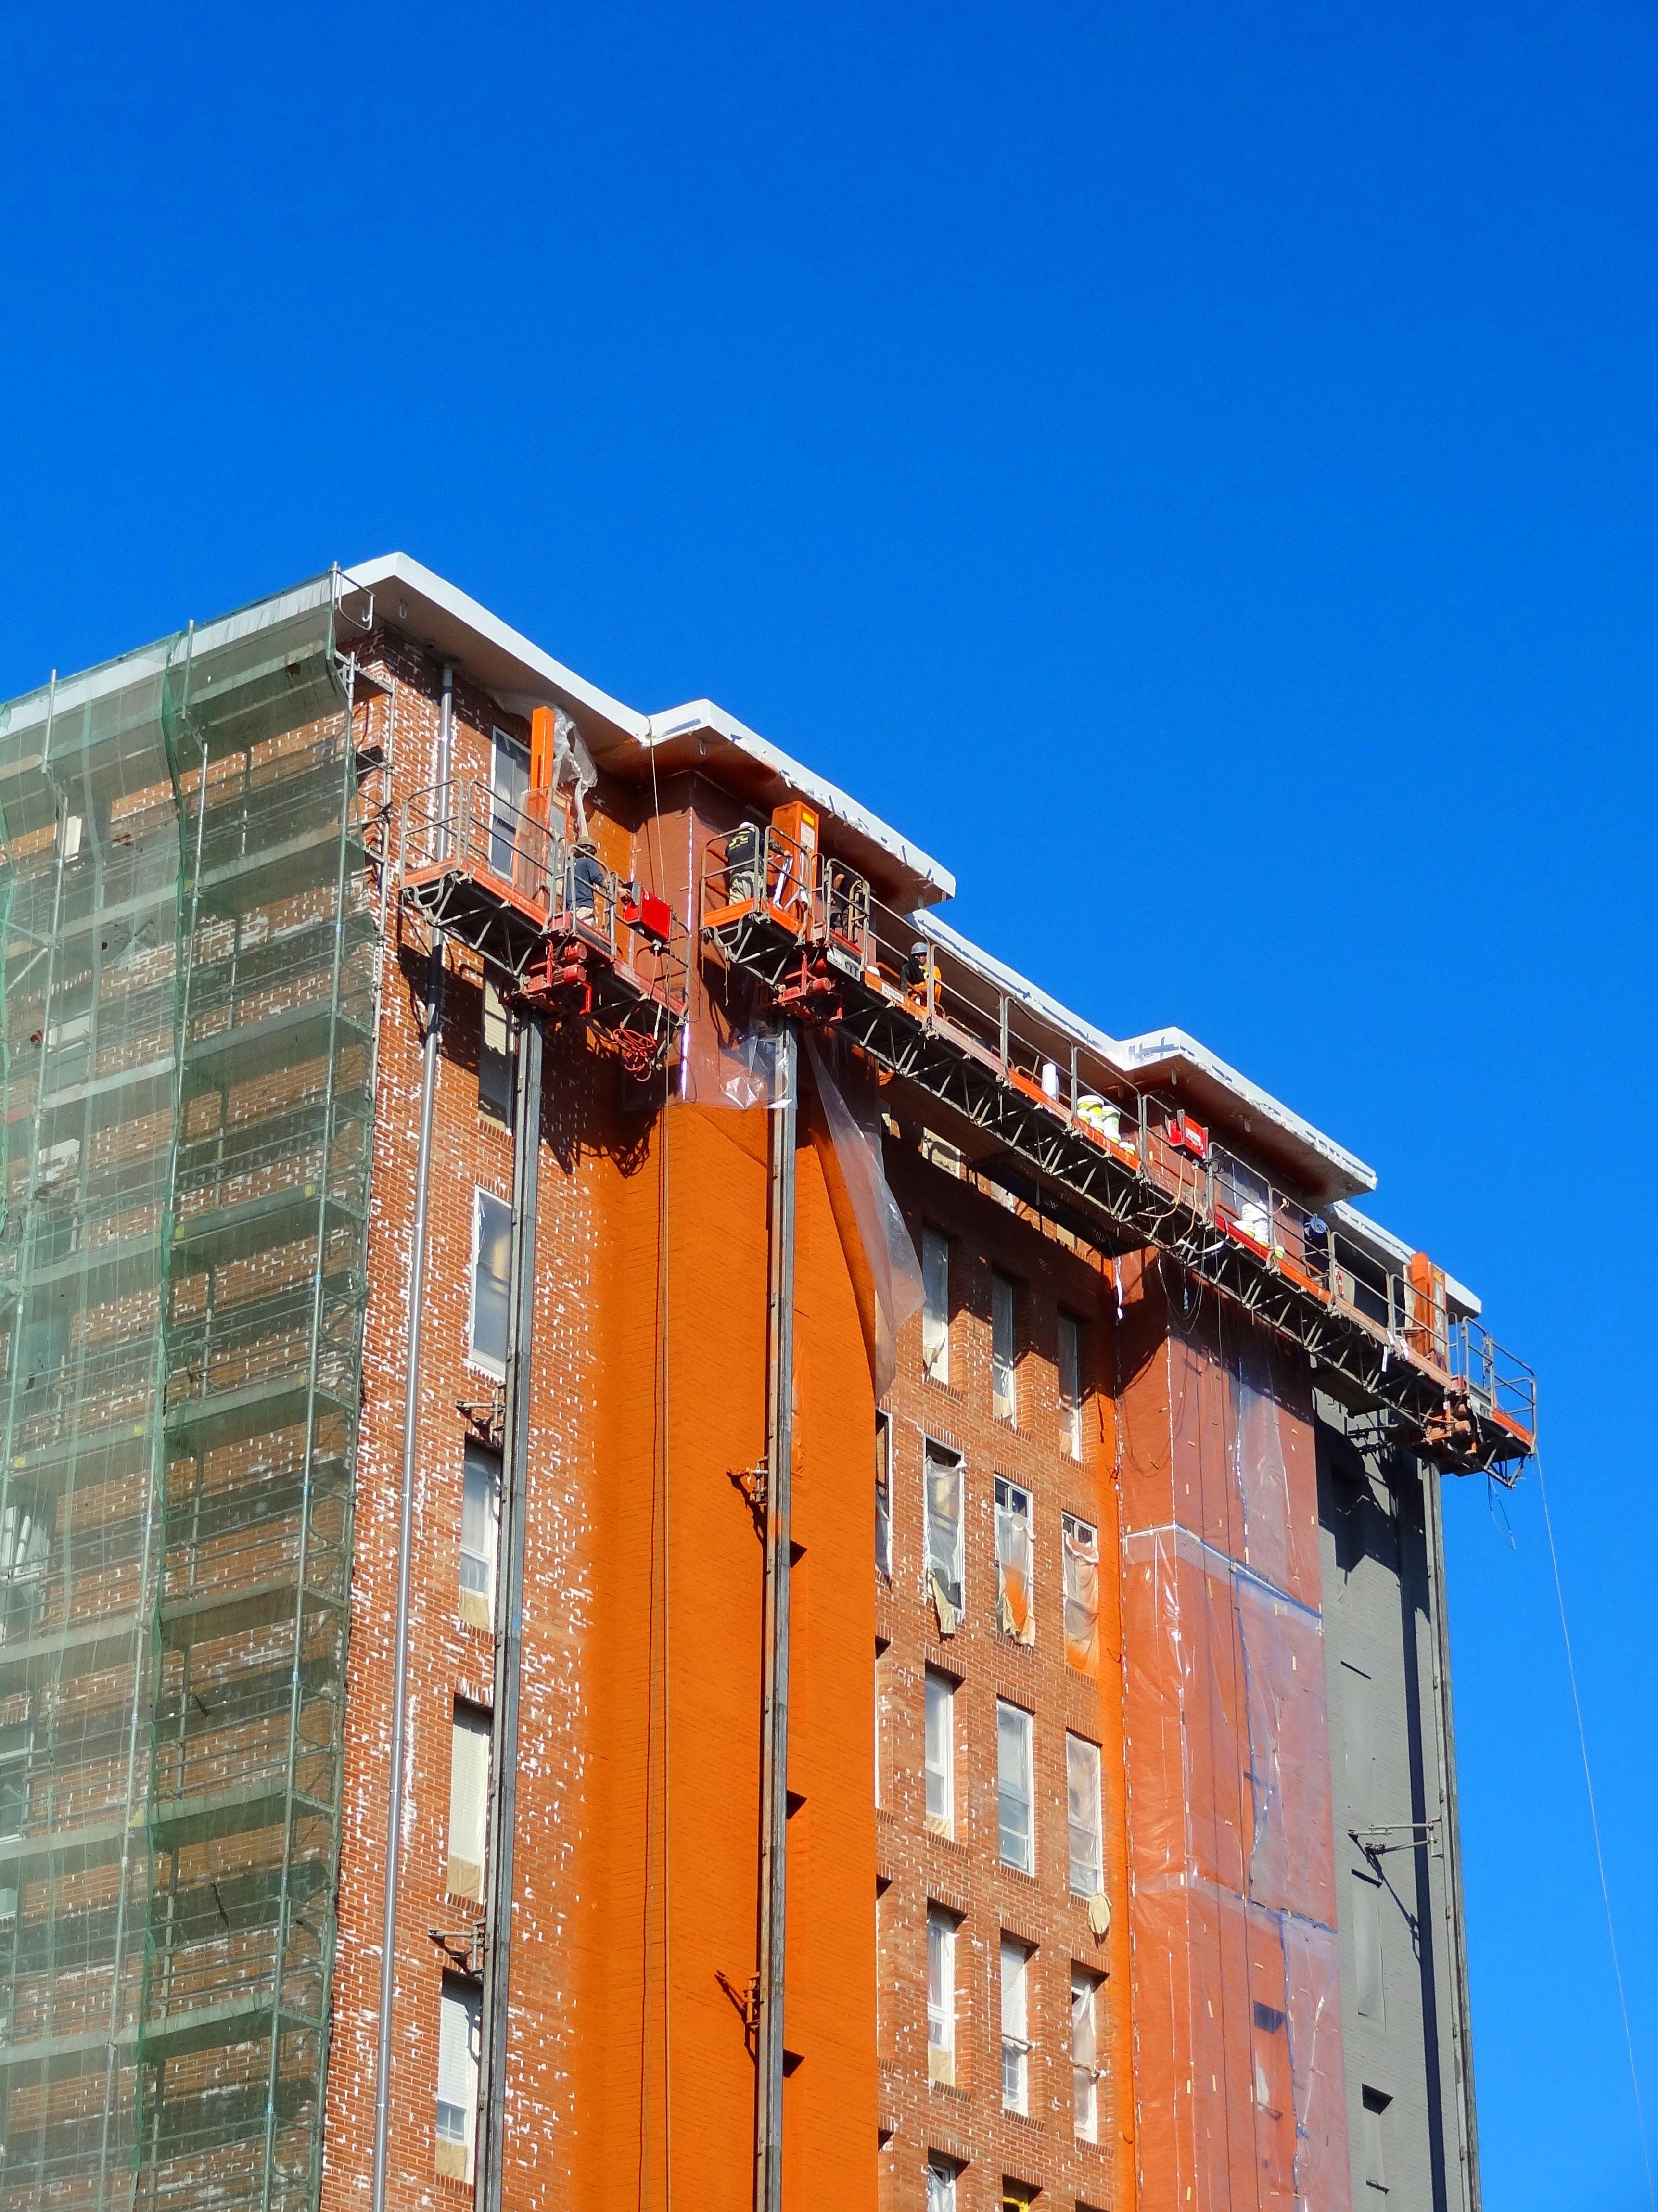 Rehabilitación de fachadas con andamio bimastil.